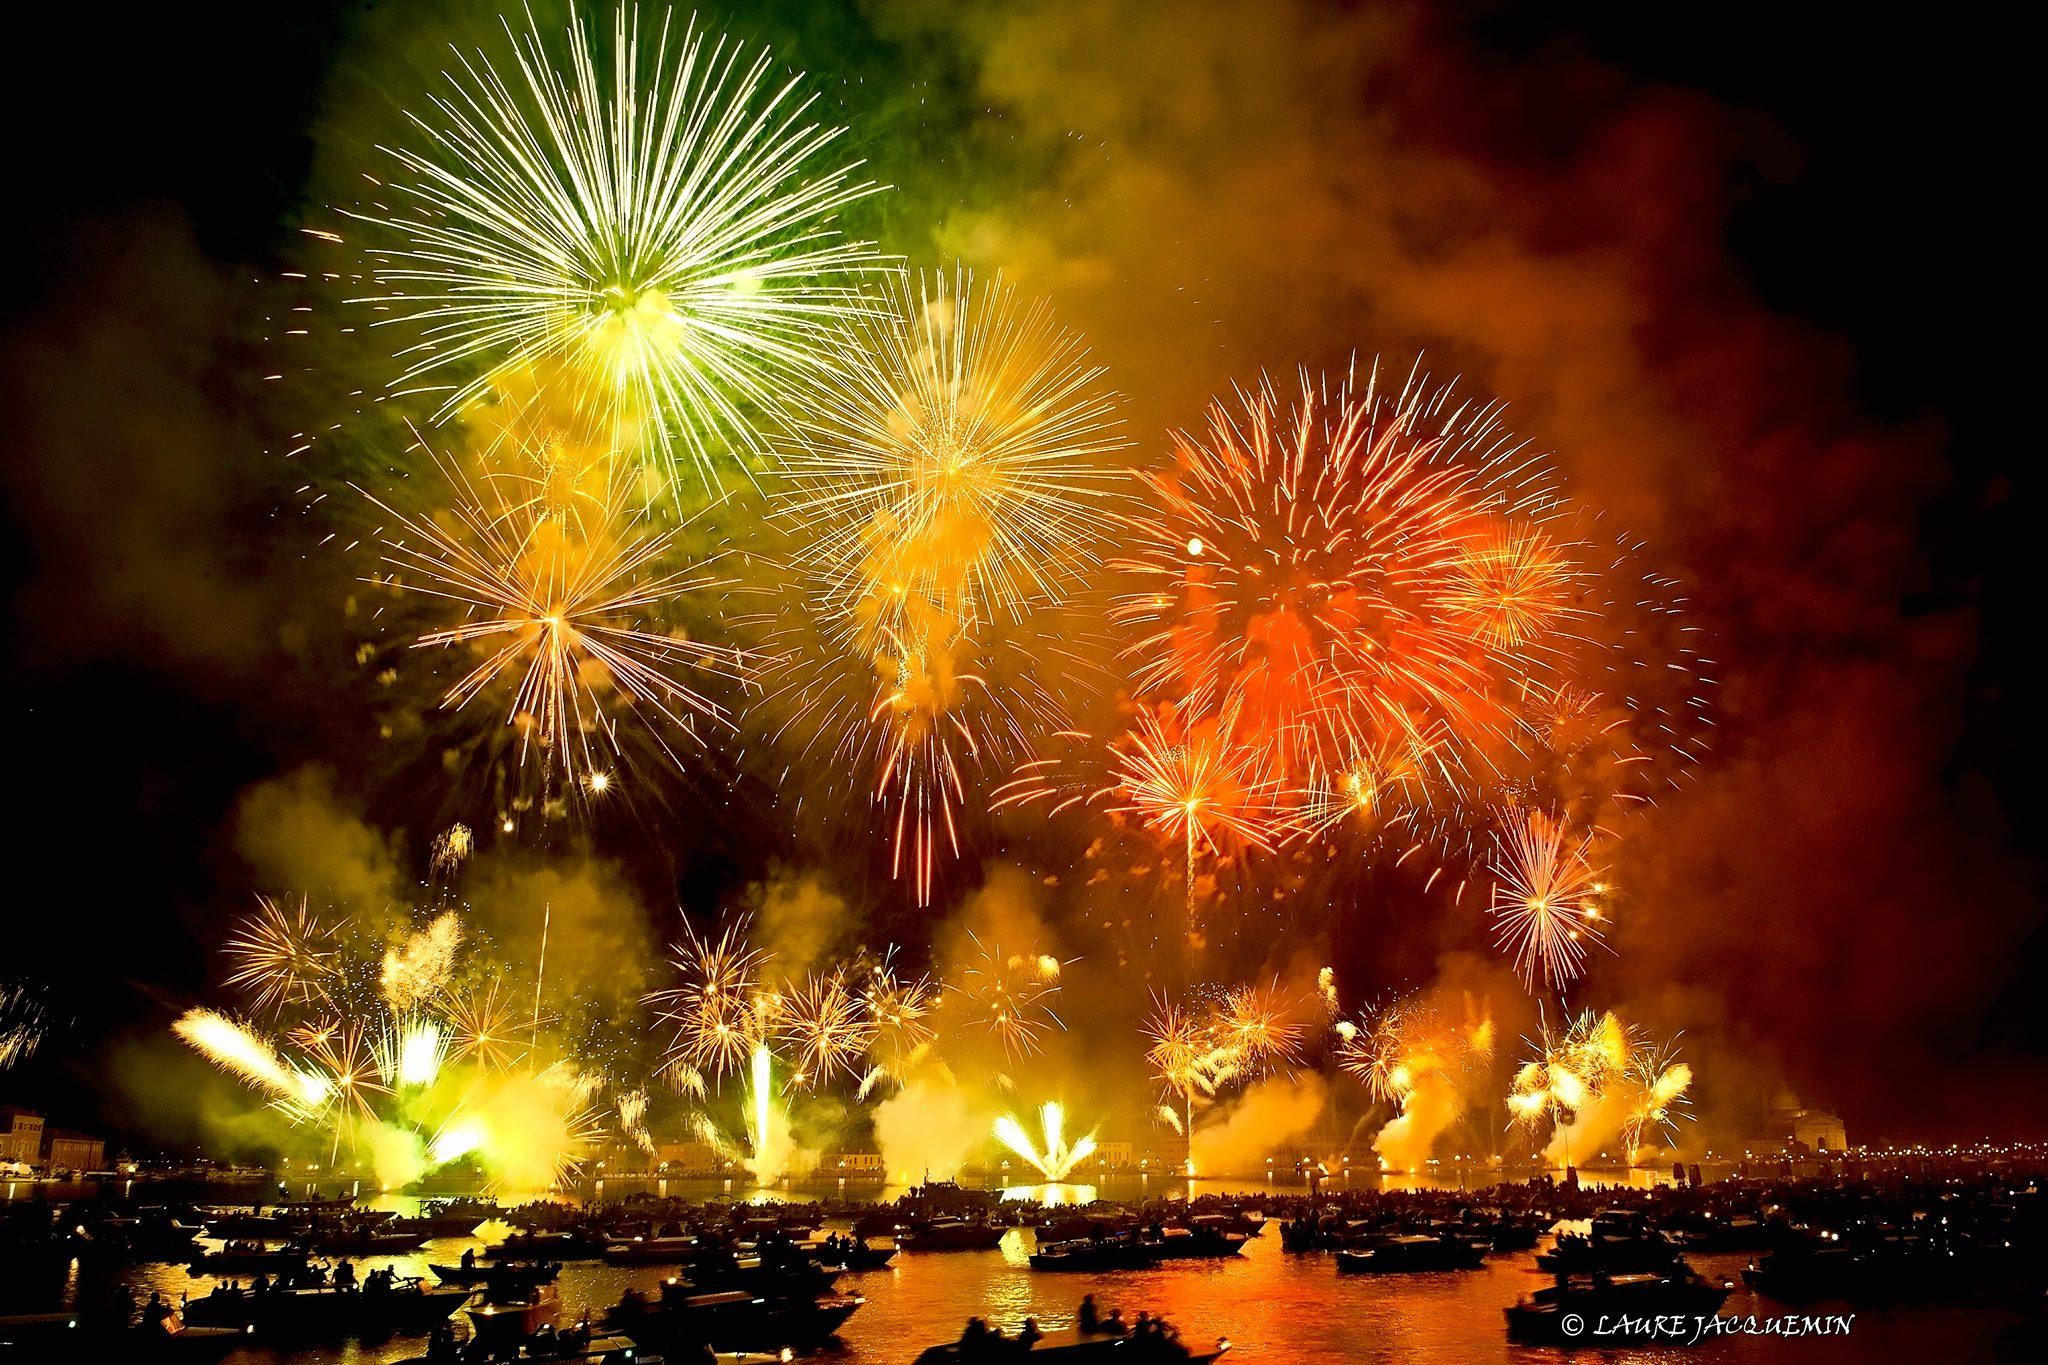 laure jacquemin plus belles photos venise venezia venice photos (1).jpg